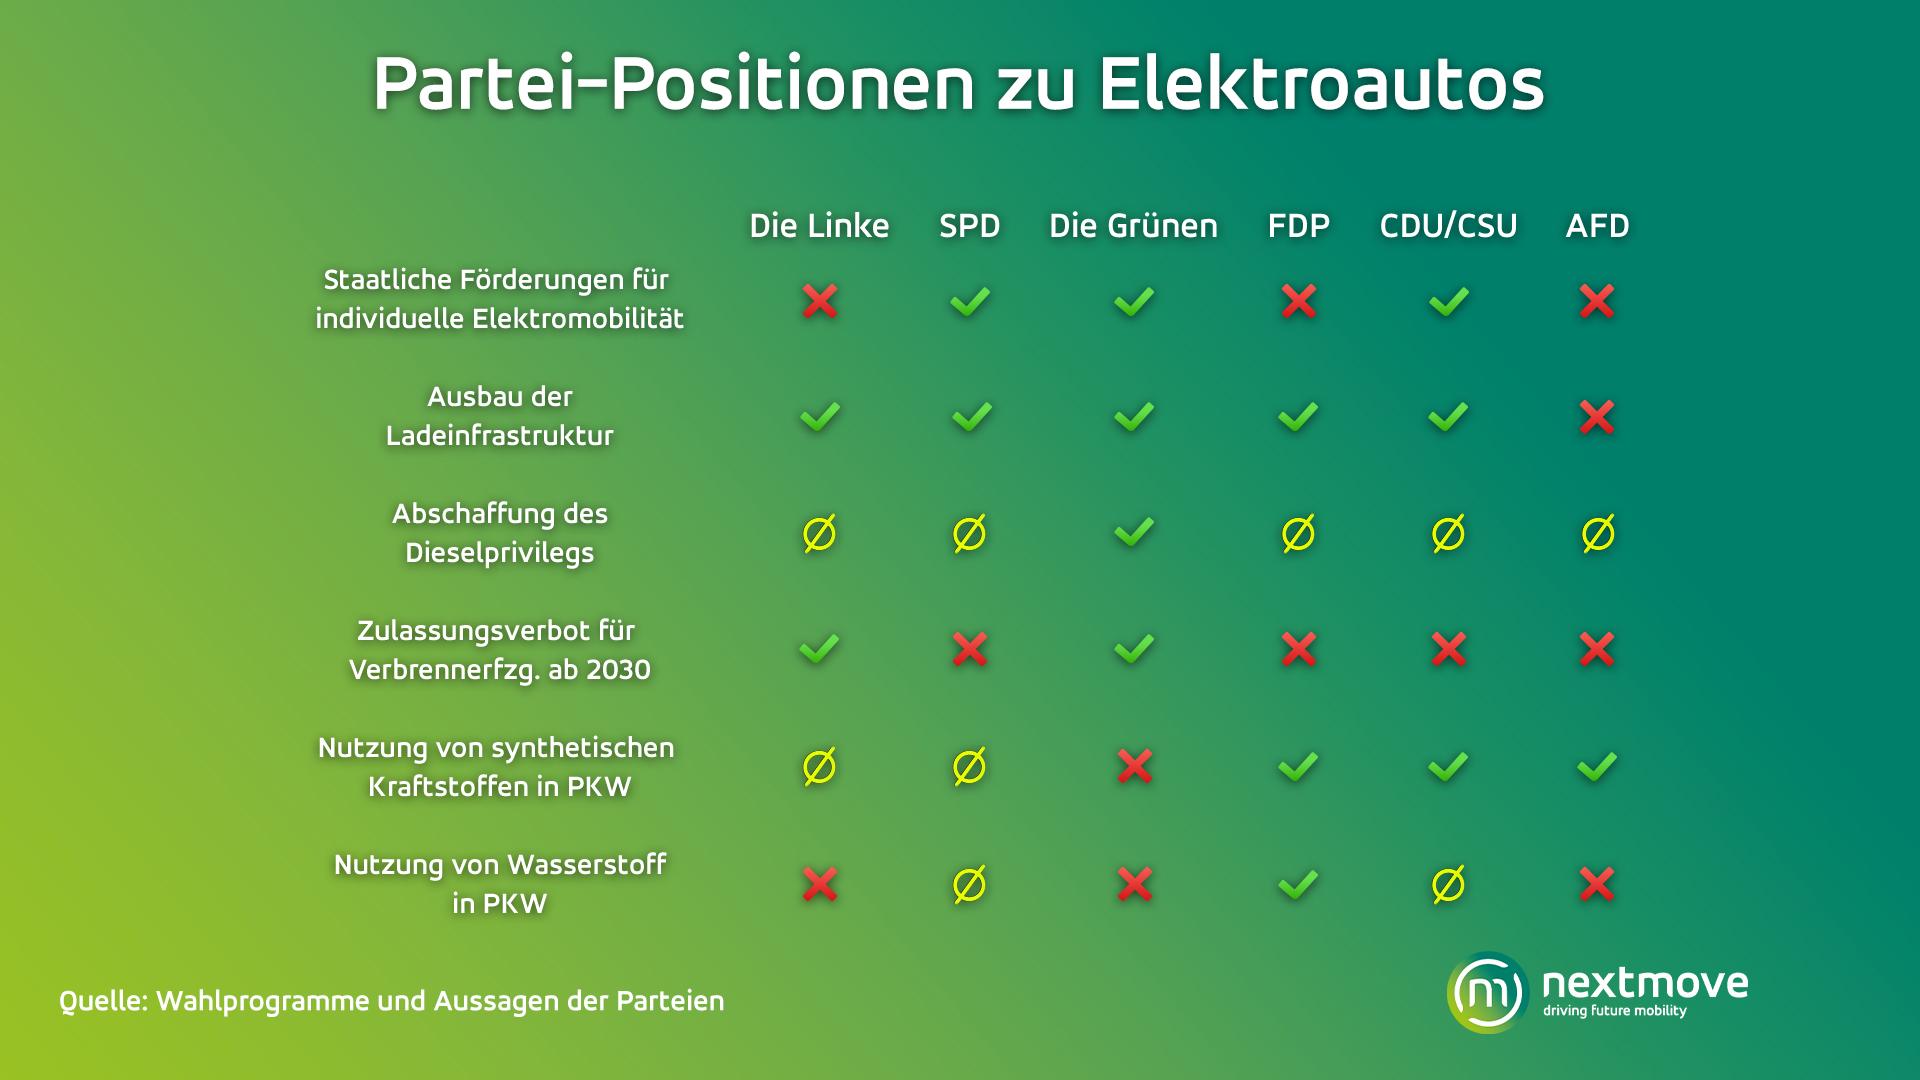 Partei-Positionen zu Elektroautos